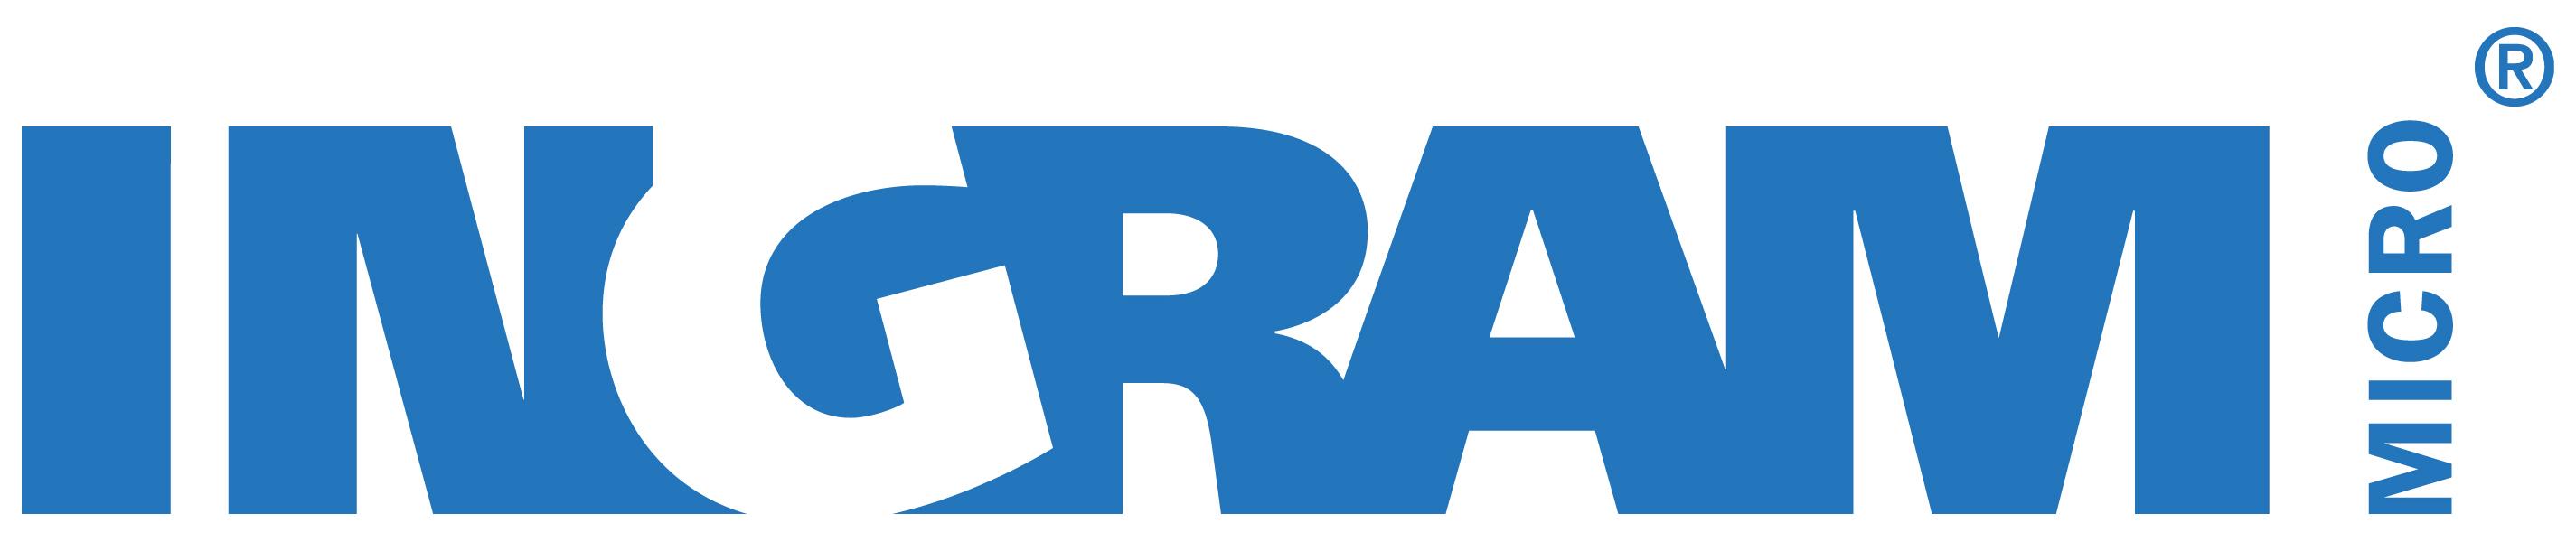 Ingram Micro w Polsce, przejmuje RRC w regionie CEE